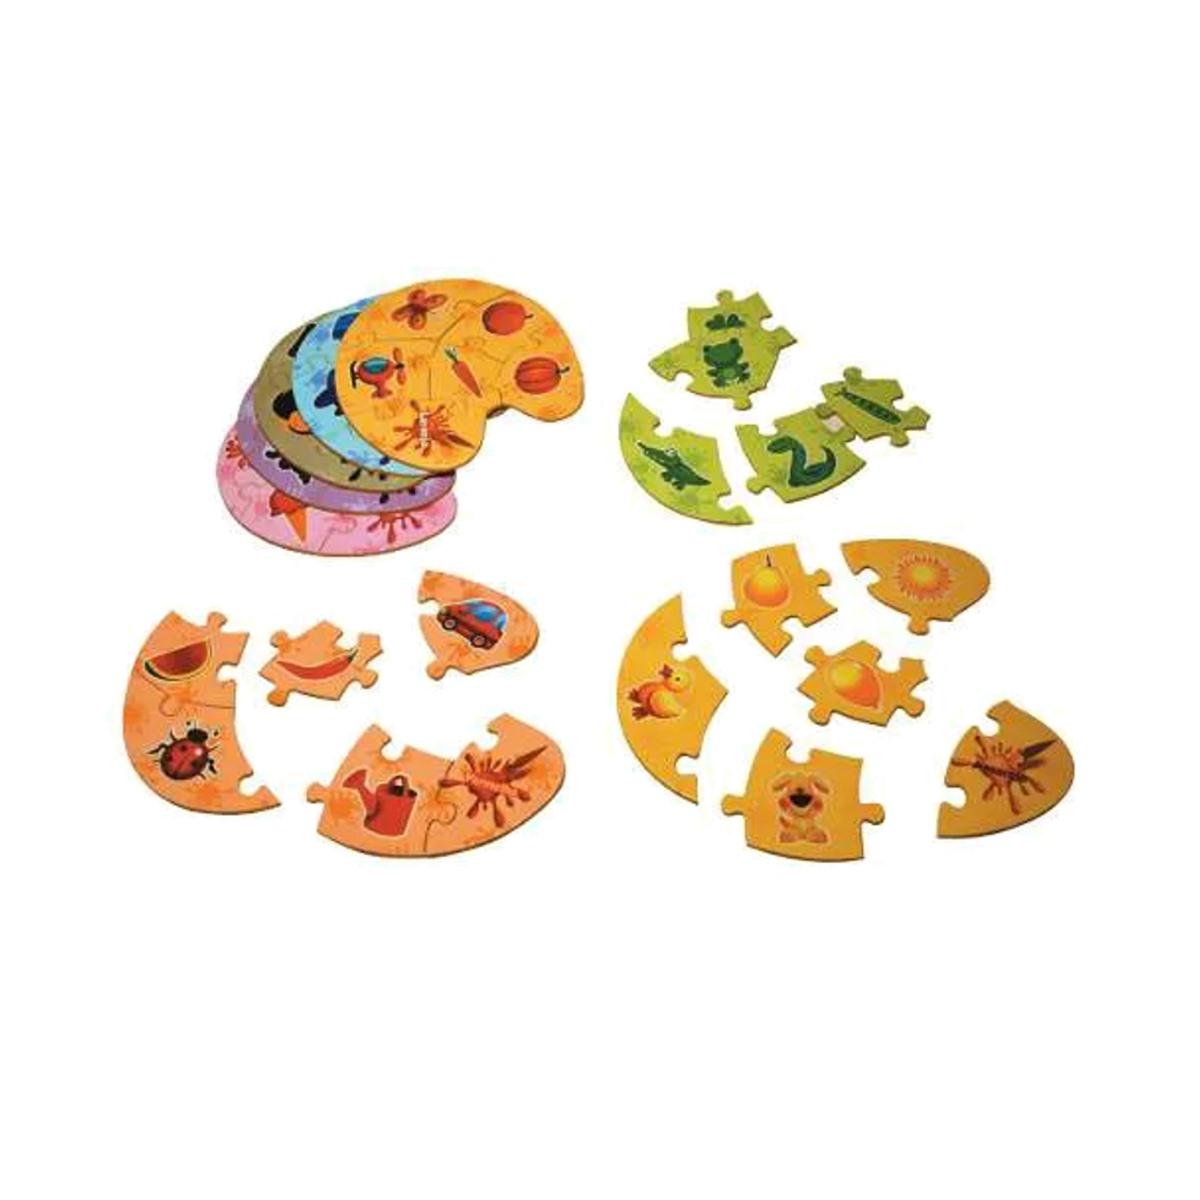 Brinquedos Educativos Quebra Cabeça Associação Cores 48und